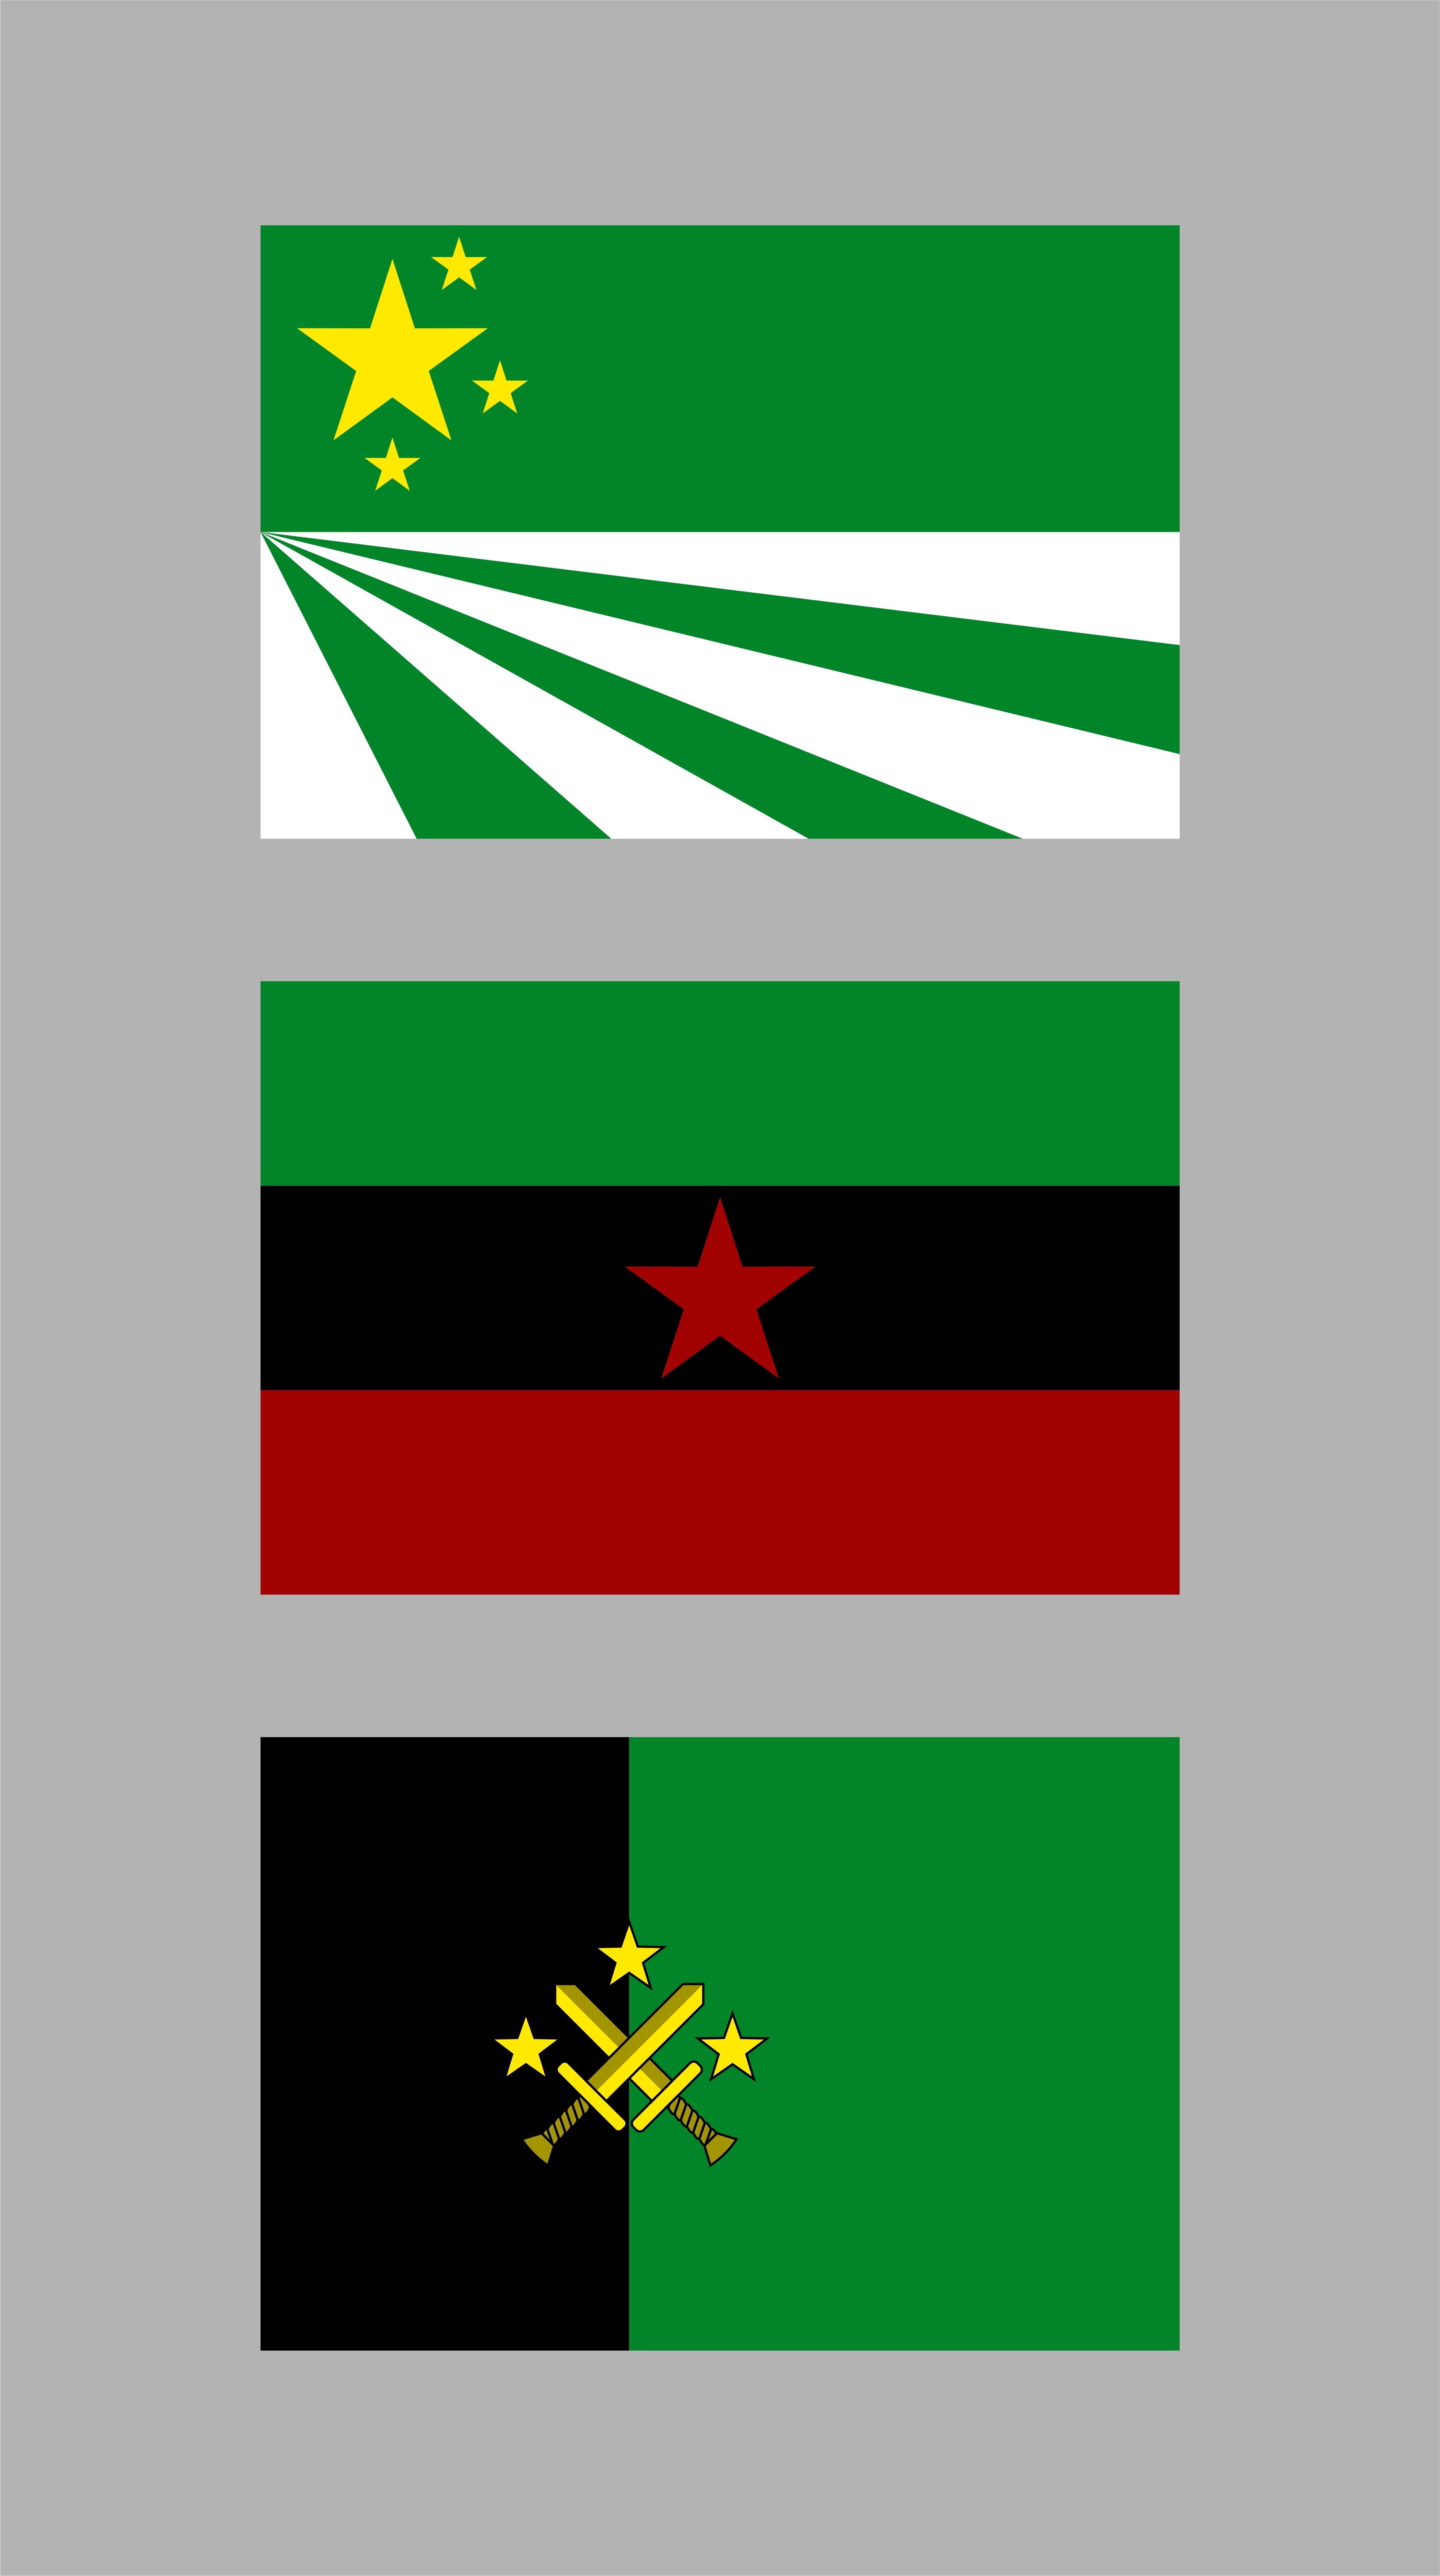 flags_2u8ugm.jpg